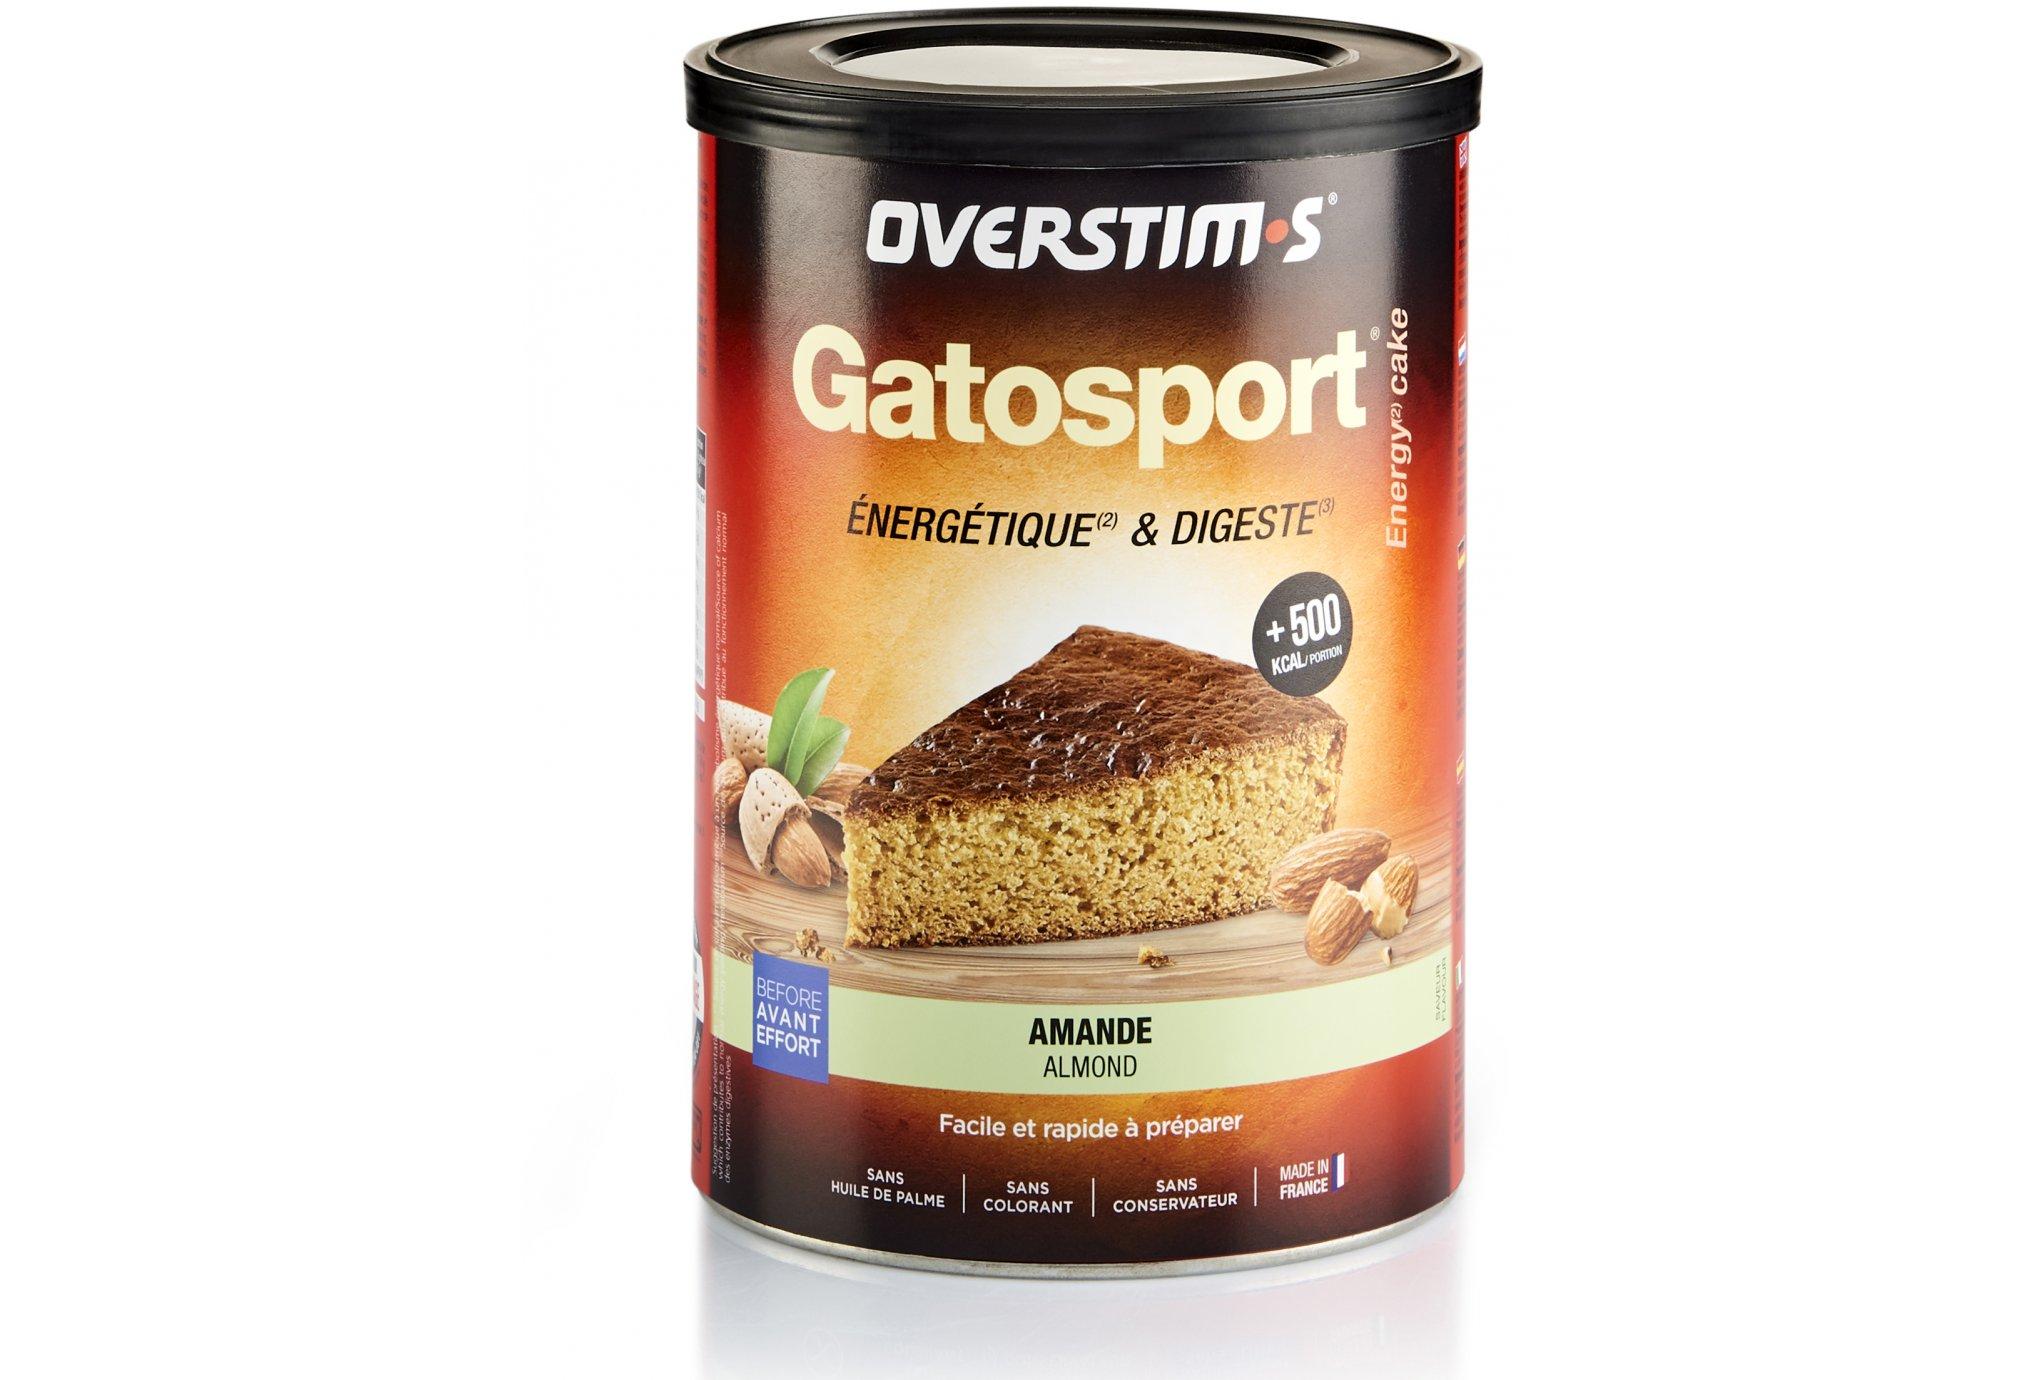 OVERSTIMS Gatosport 400 g - Amande Diététique Préparation